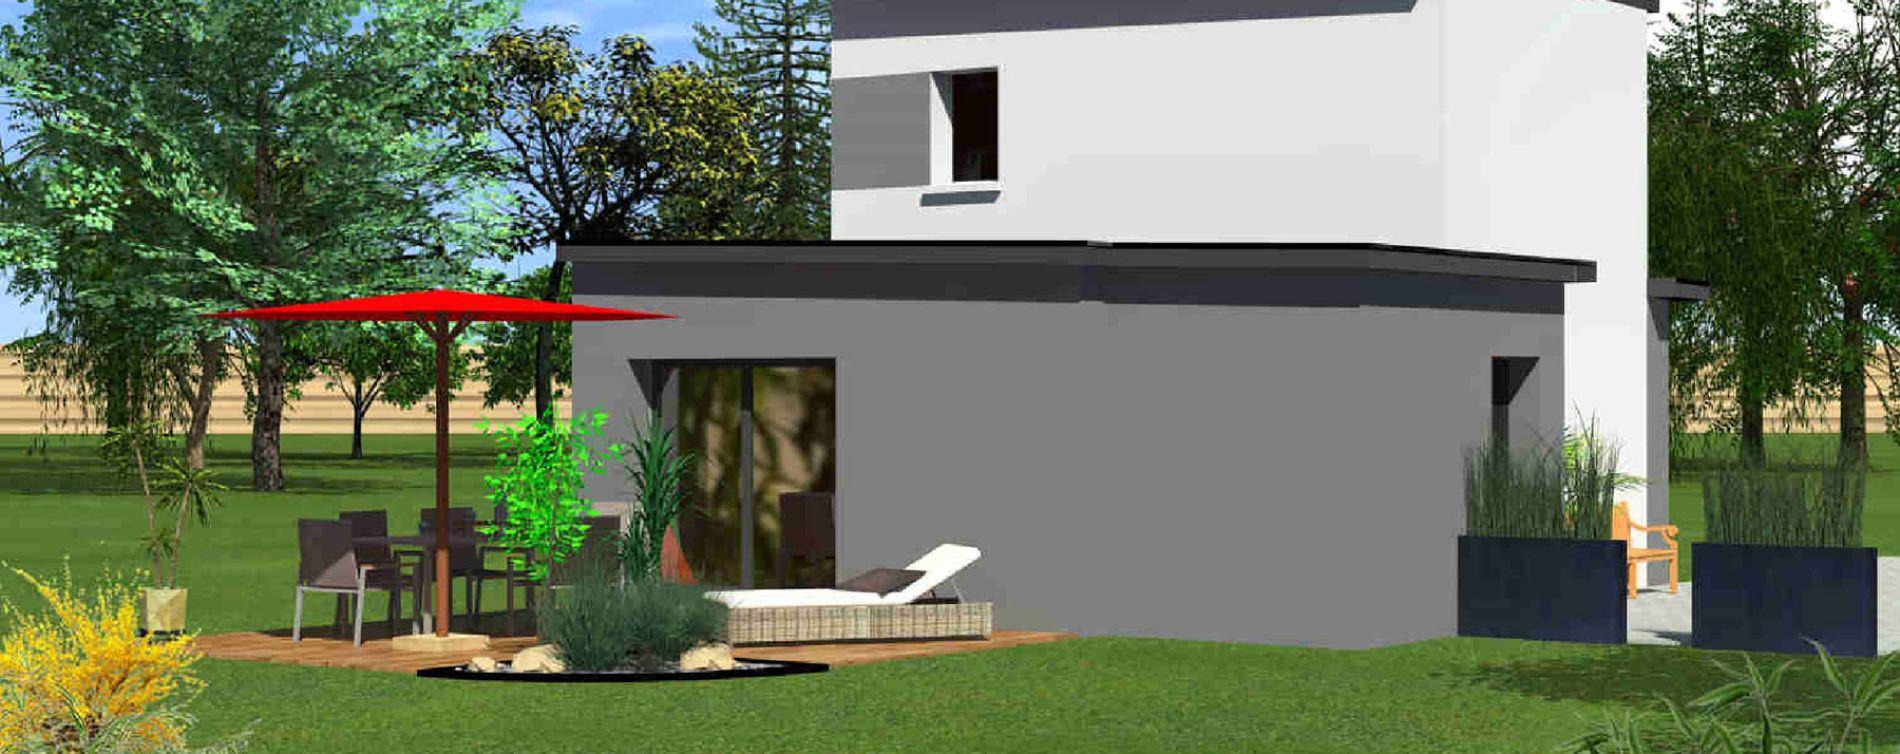 Brélès : programme immobilier neuve « Le Sentier de Bel Air » (2)